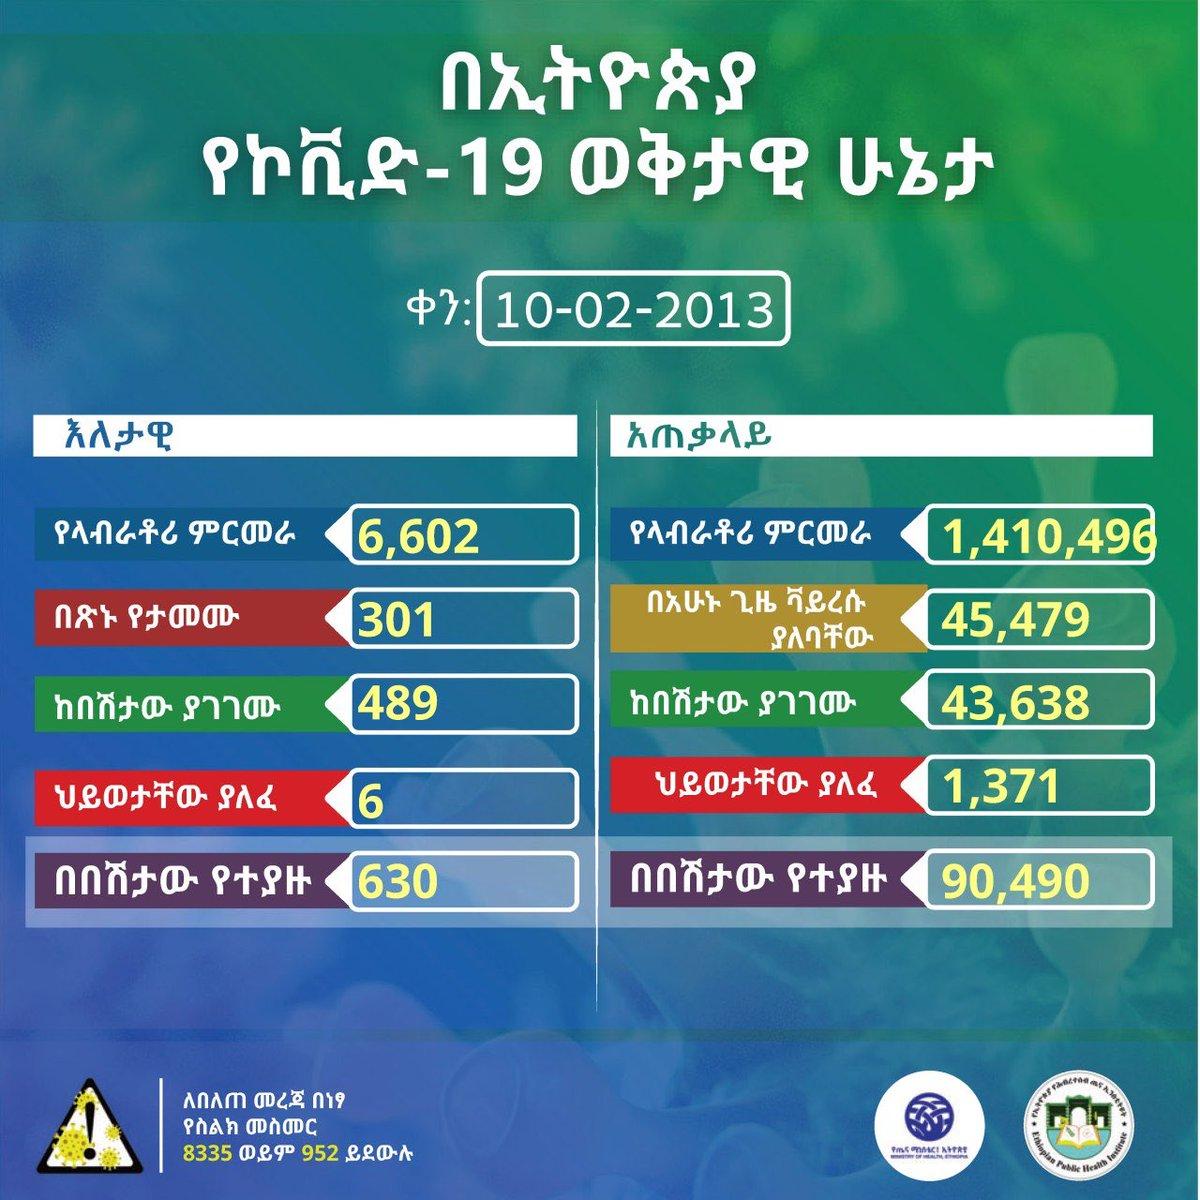 የኢትዮጵያ የኮሮና ቫይረስ ሁኔታ መግለጫ  Status update on #COVID19Ethiopia https://t.co/ZL6YPBtCgk